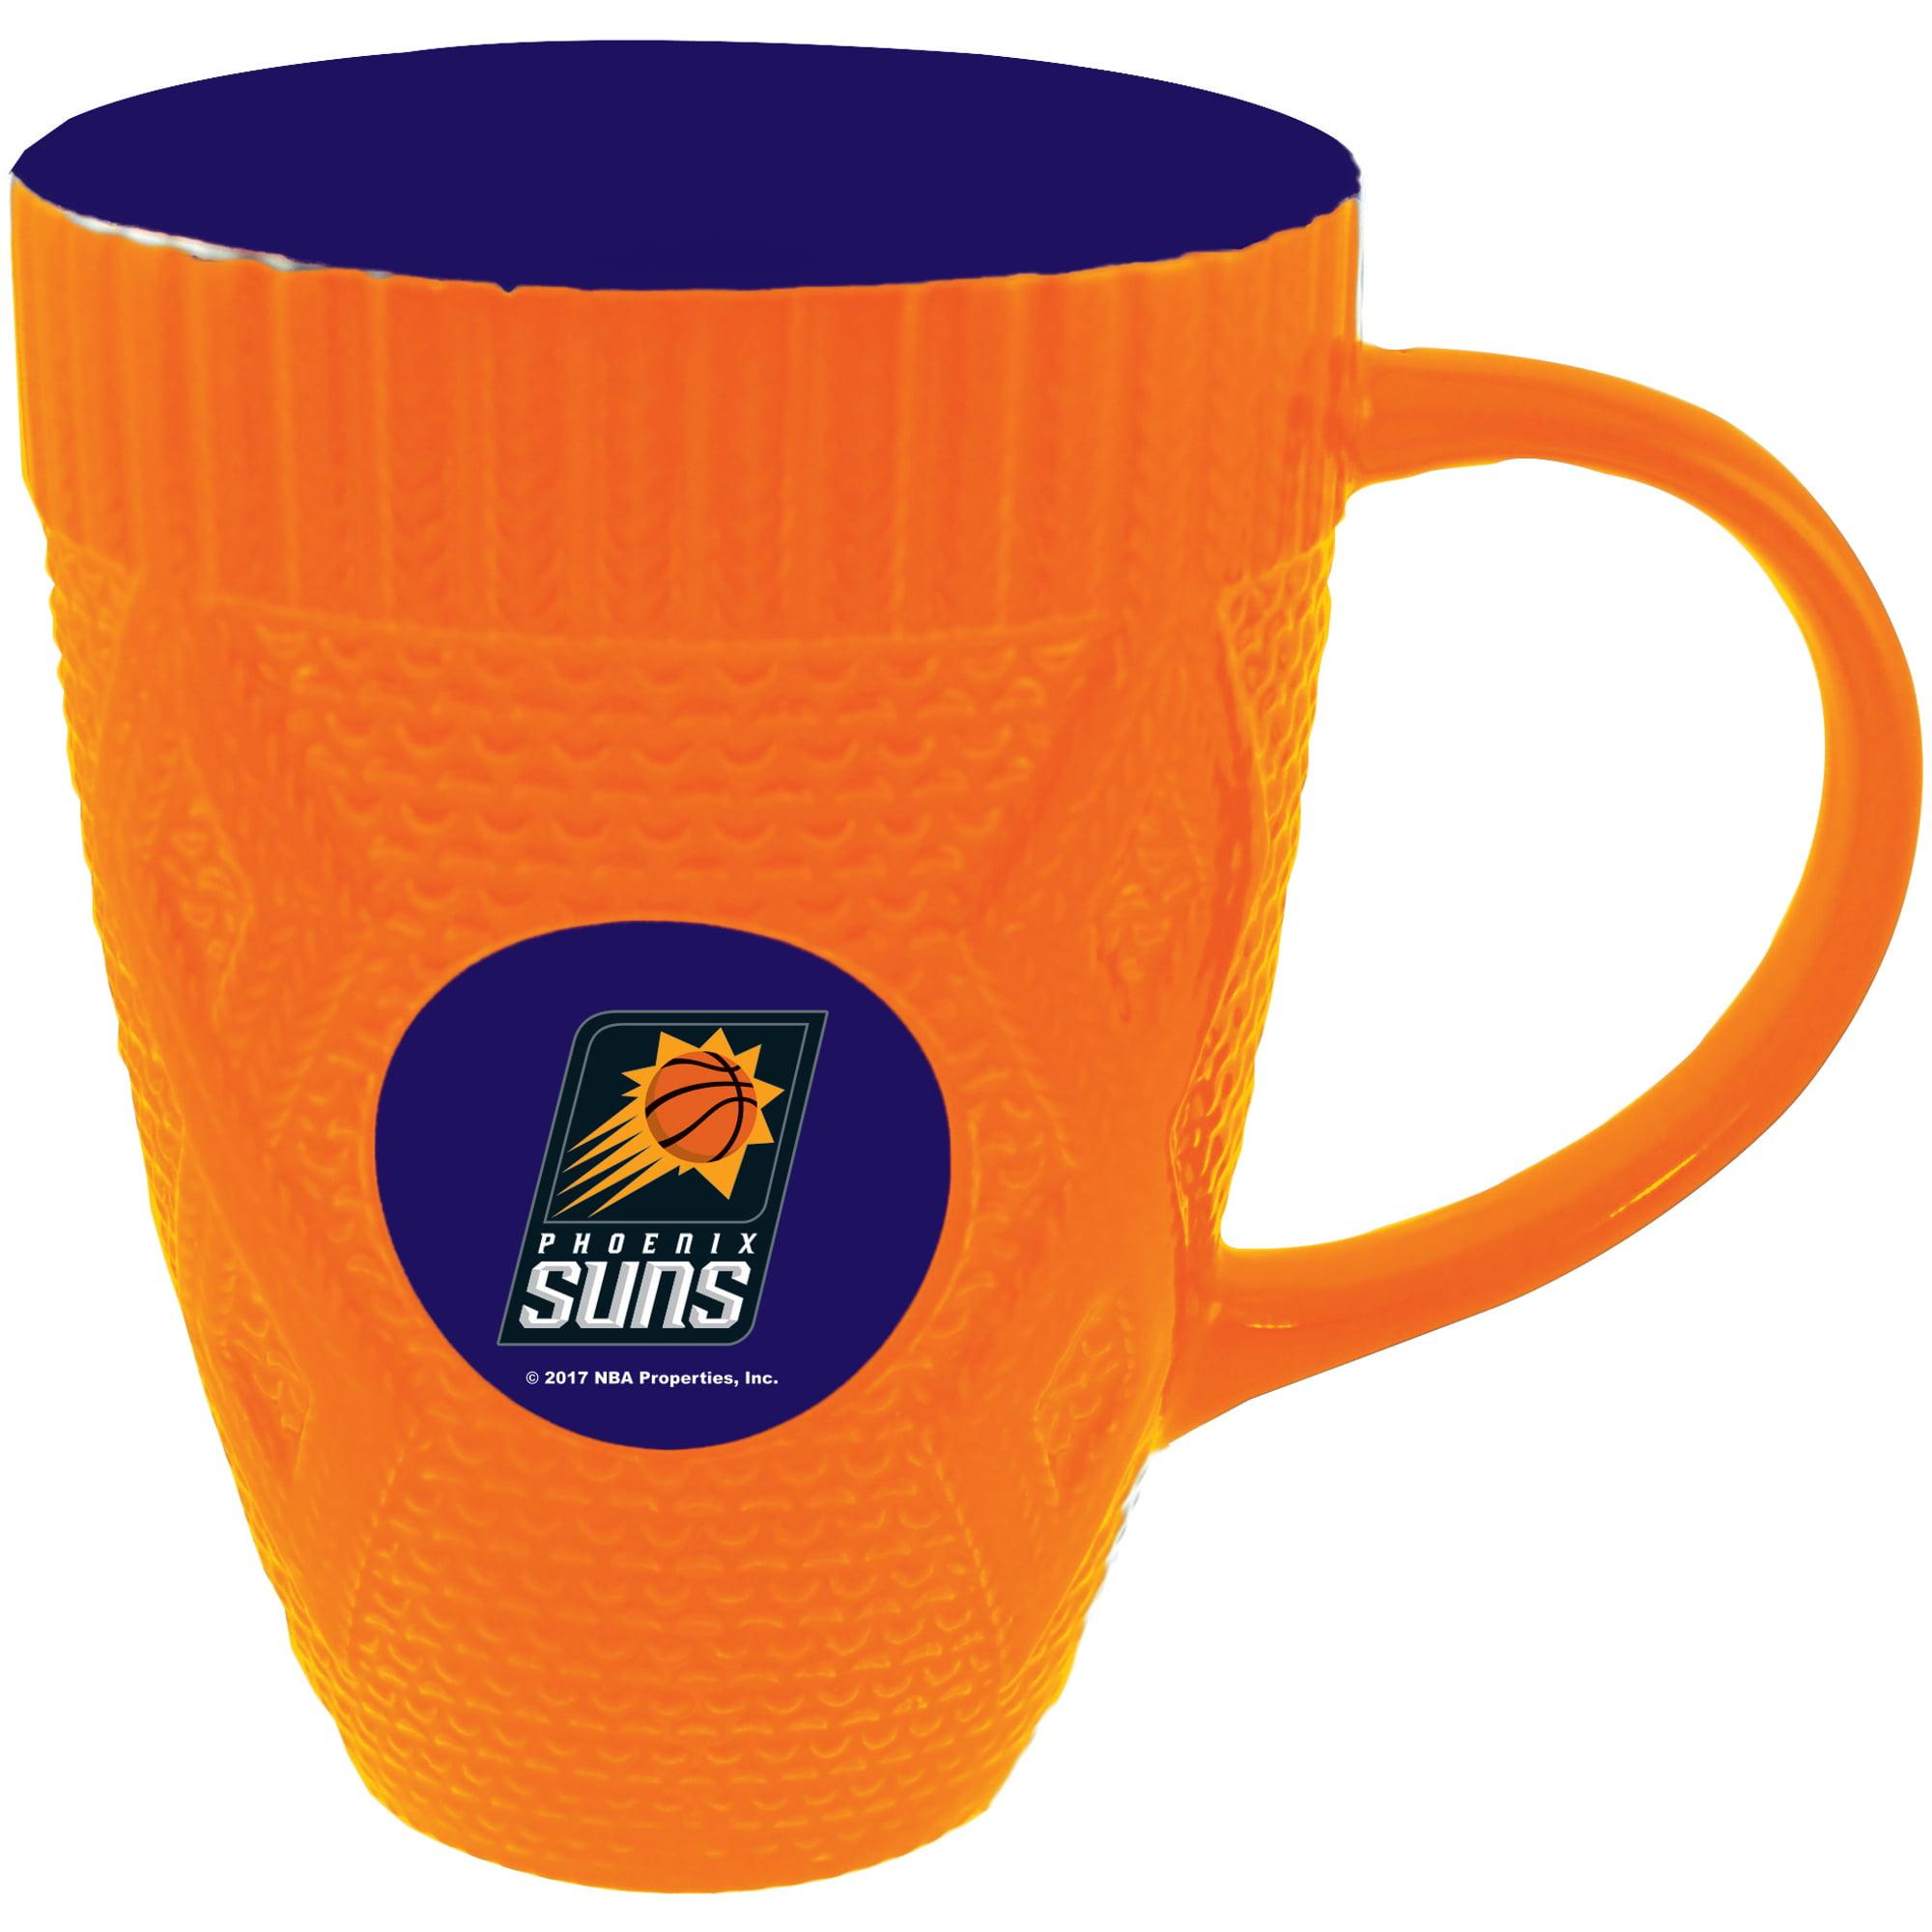 Phoenix Suns 16oz. Sweater Mug - No Size